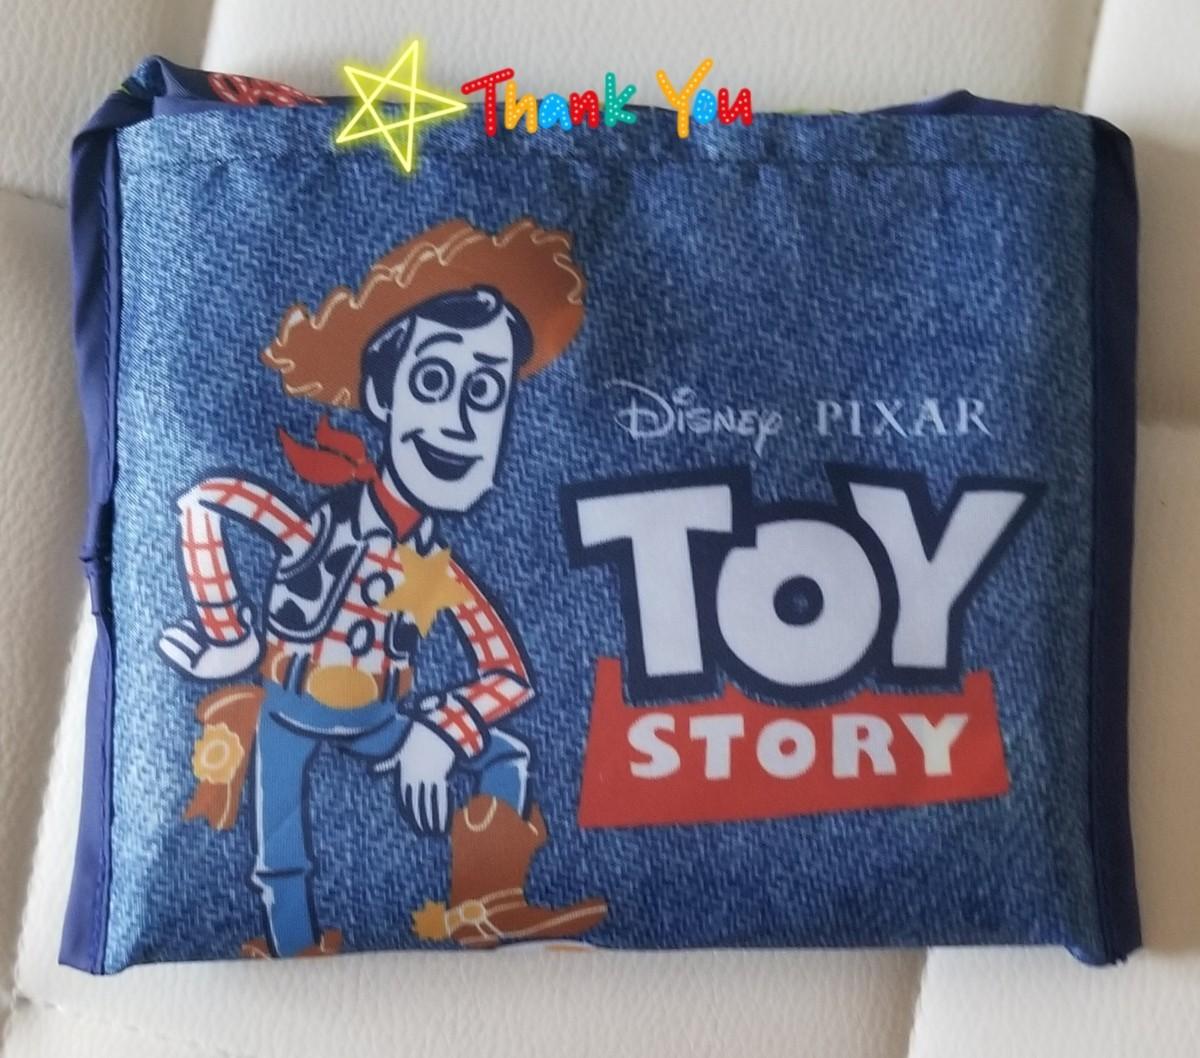 ディズニー トイ・ストーリー エコバッグ 折り畳みエコバッグ トートバッグ